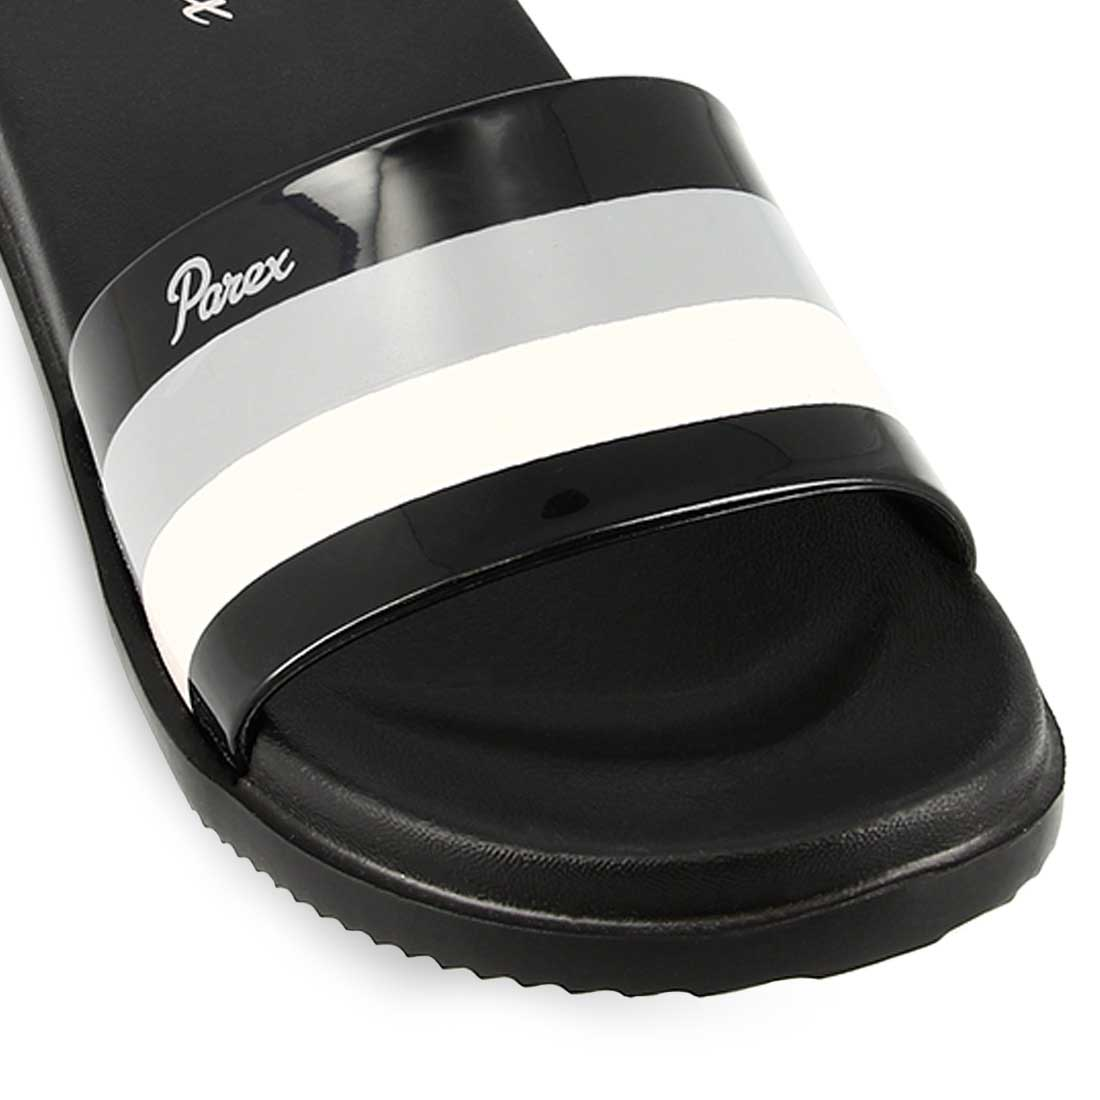 Σαγιονάρες Θαλάσσης Parex 11823030.B - Μαύρο